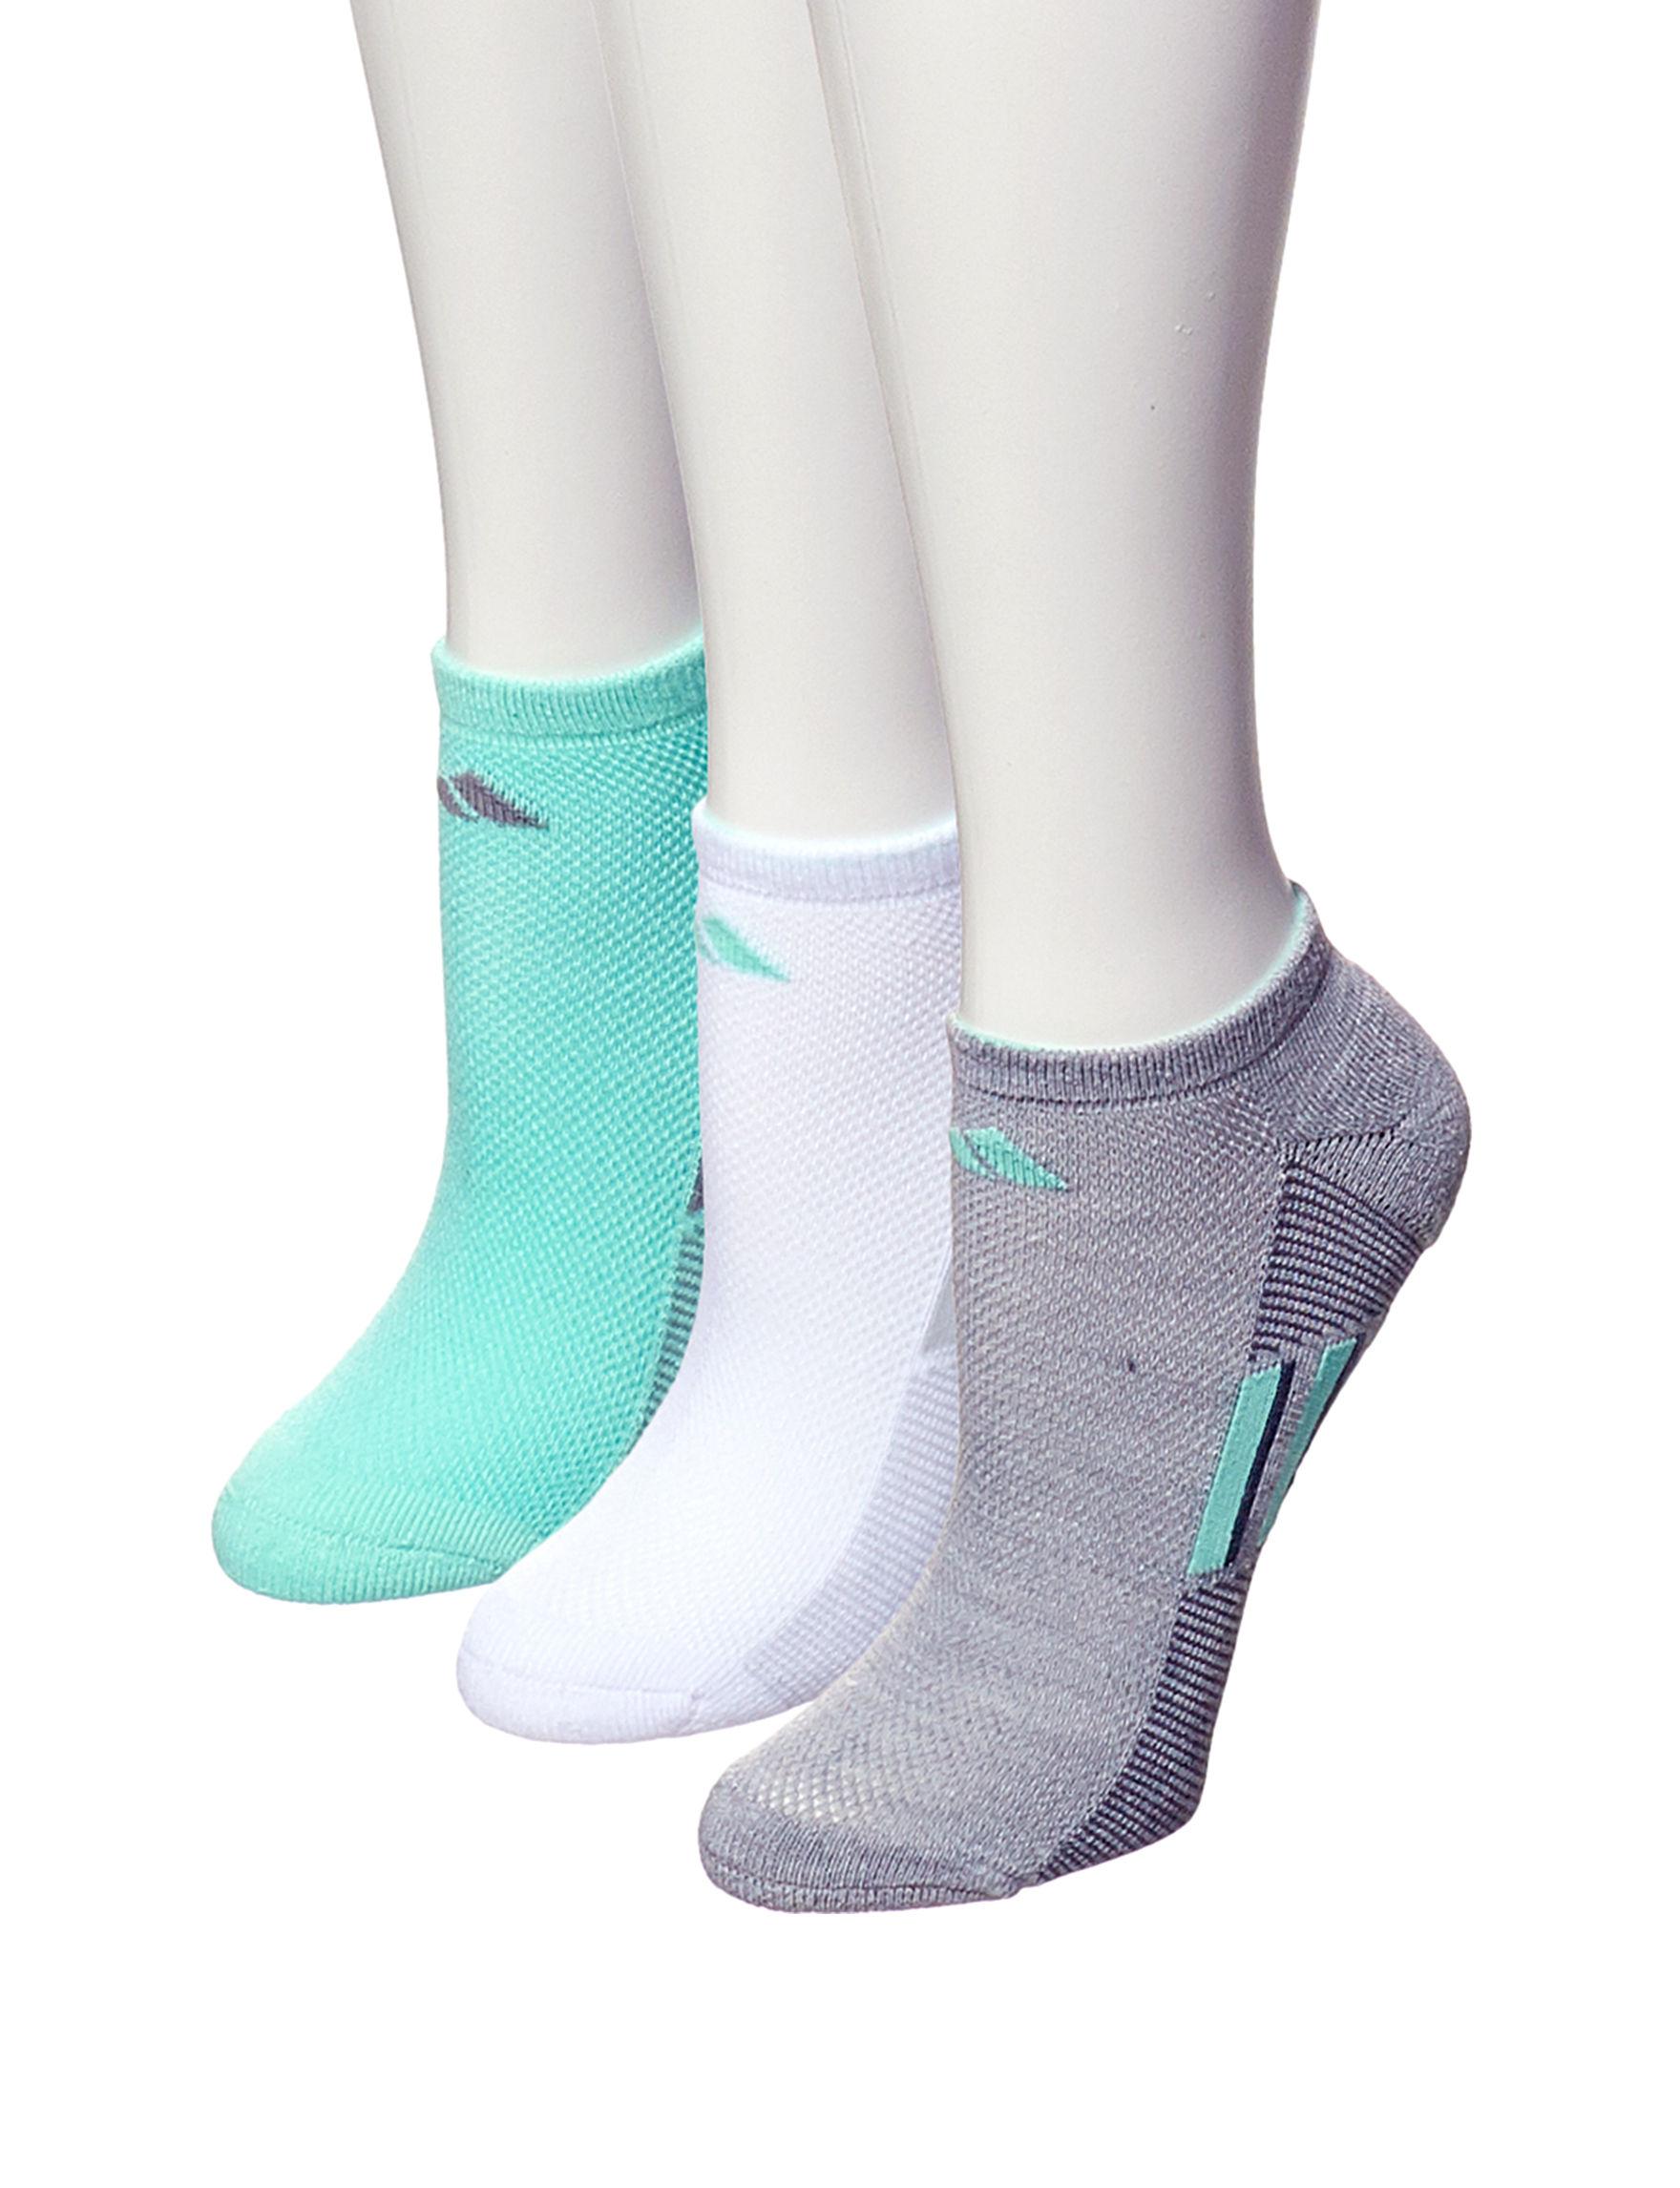 Adidas Turquoise Socks